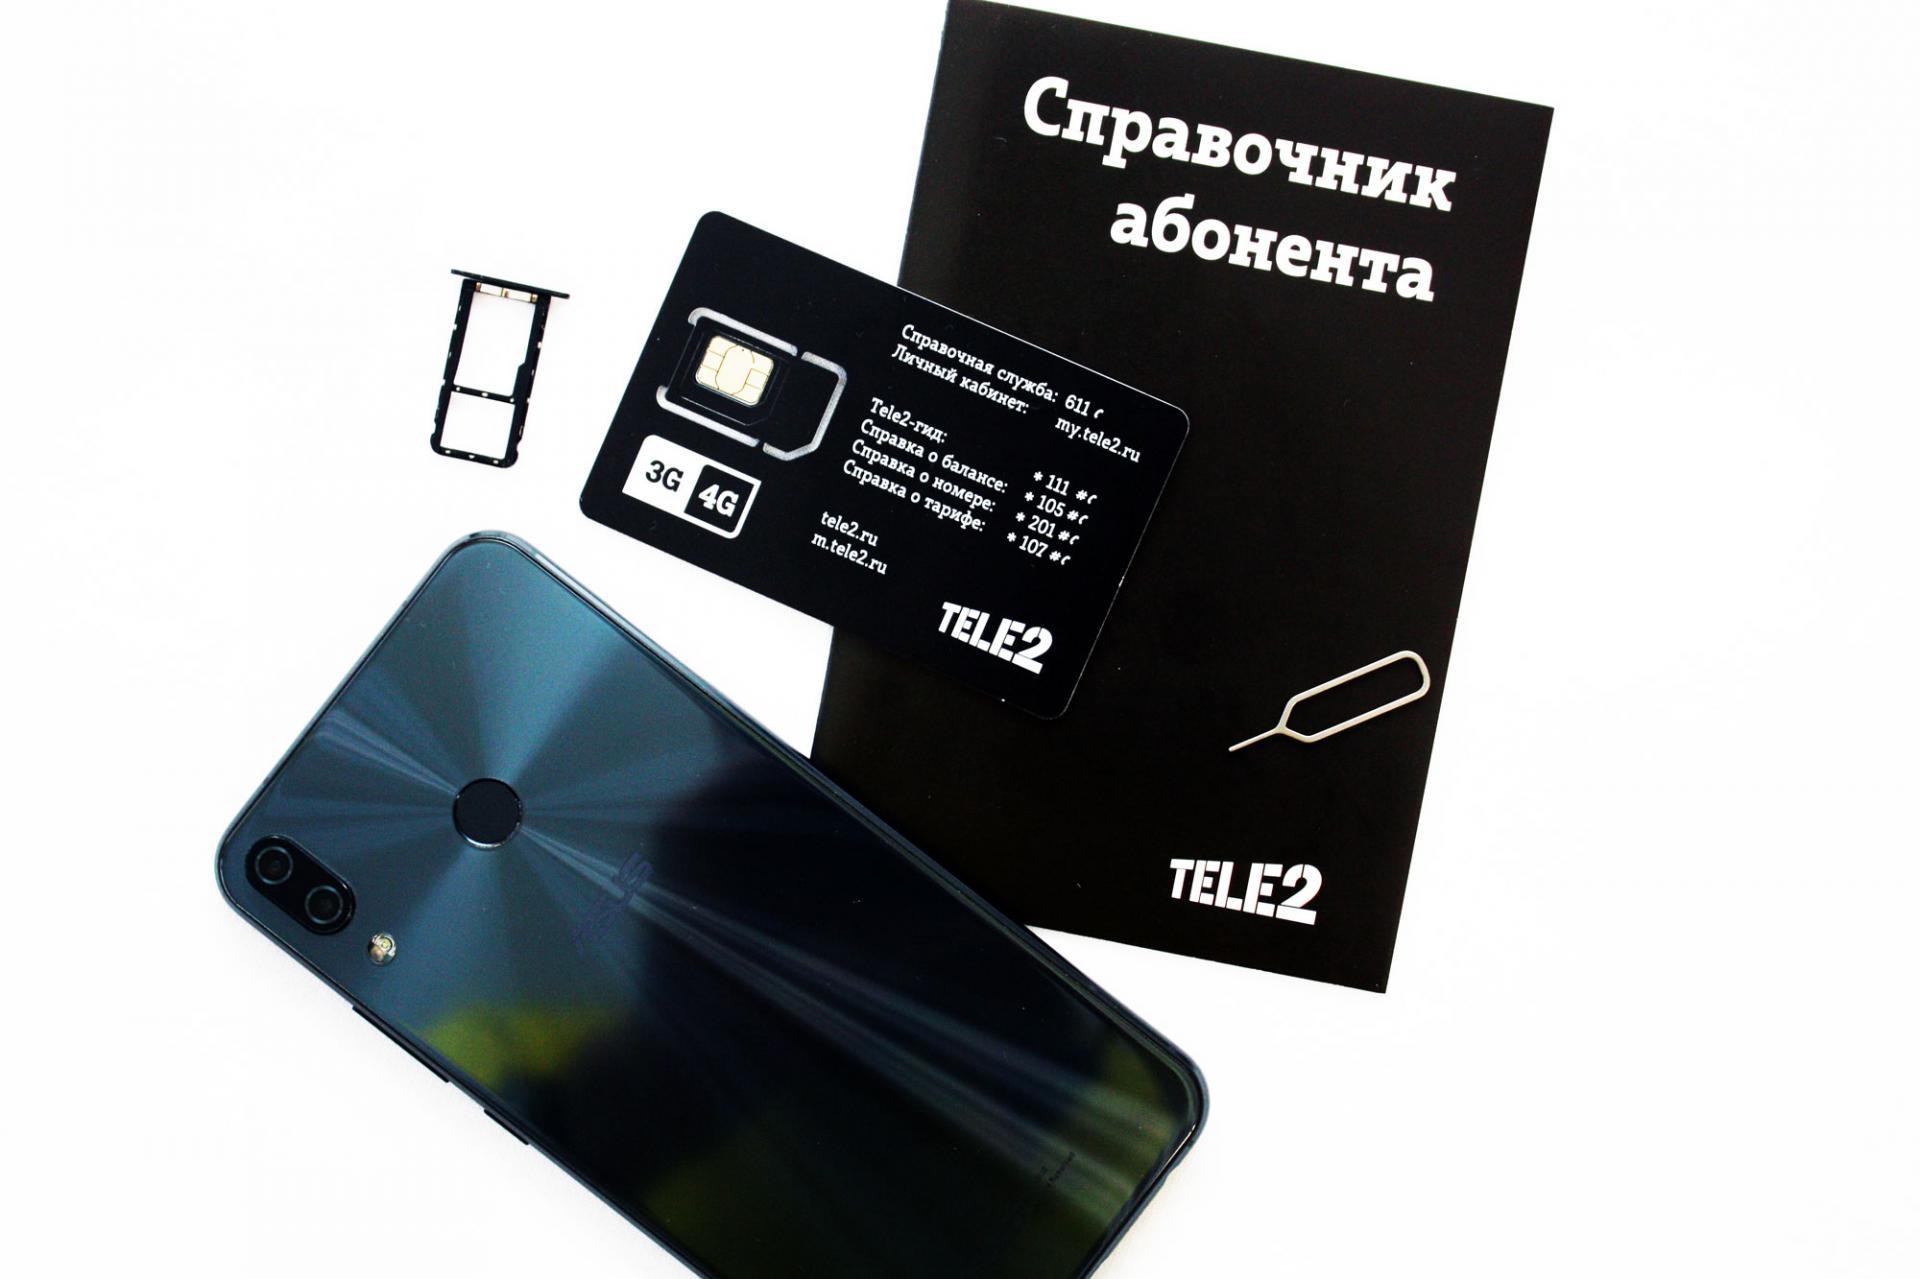 Секретный тариф Tele2 за150 рублей вмесяц. Что мызнаем?